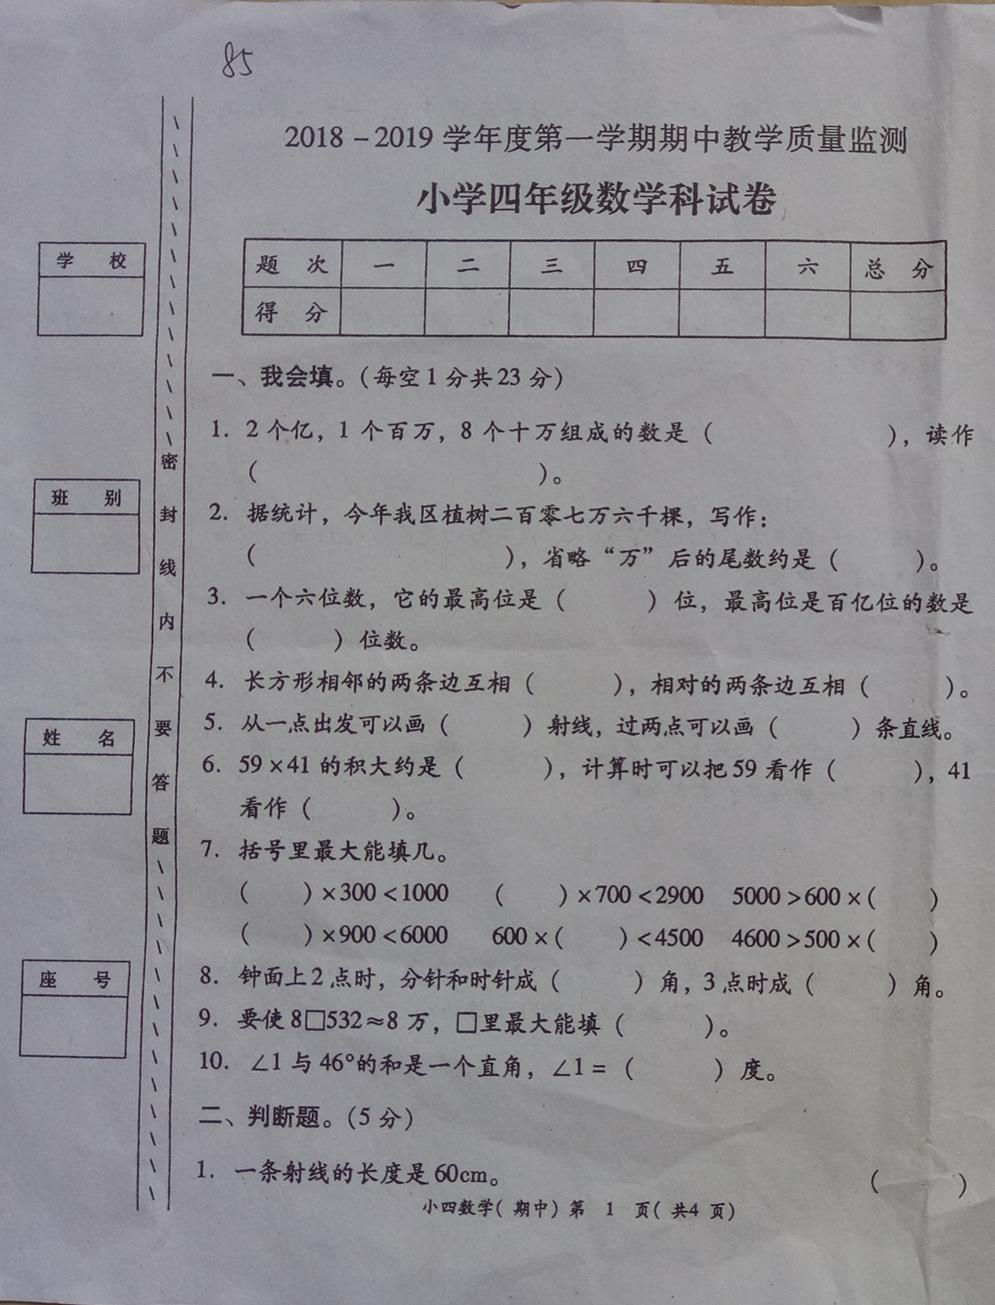 小学数学:四年上册期中考试真题,学霸都能考满分